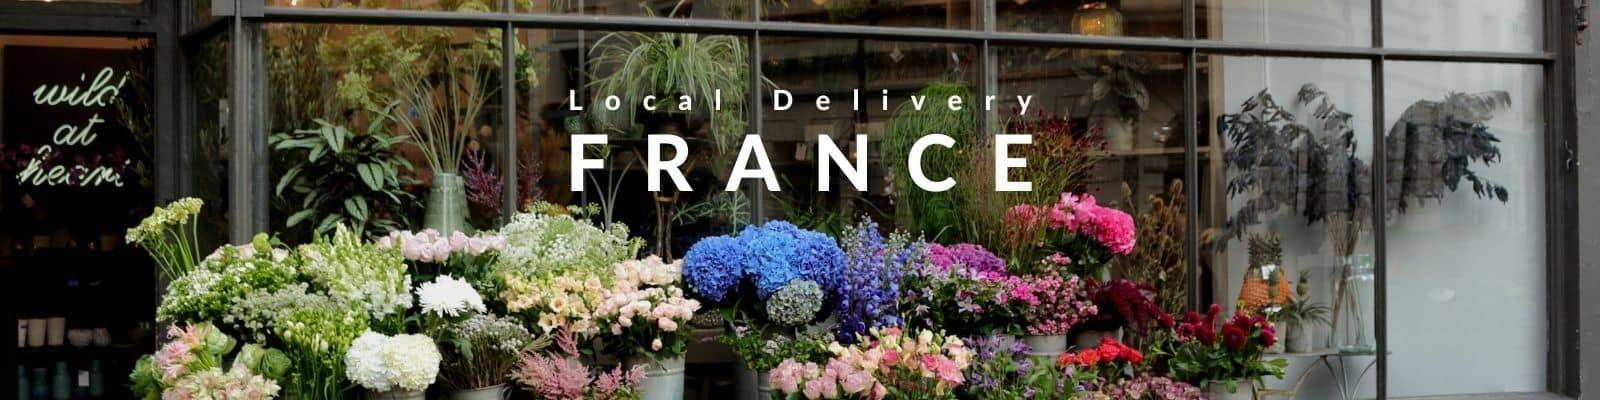 Send Flowers to France - Paris - Marseille - Lyon - Bordeaux